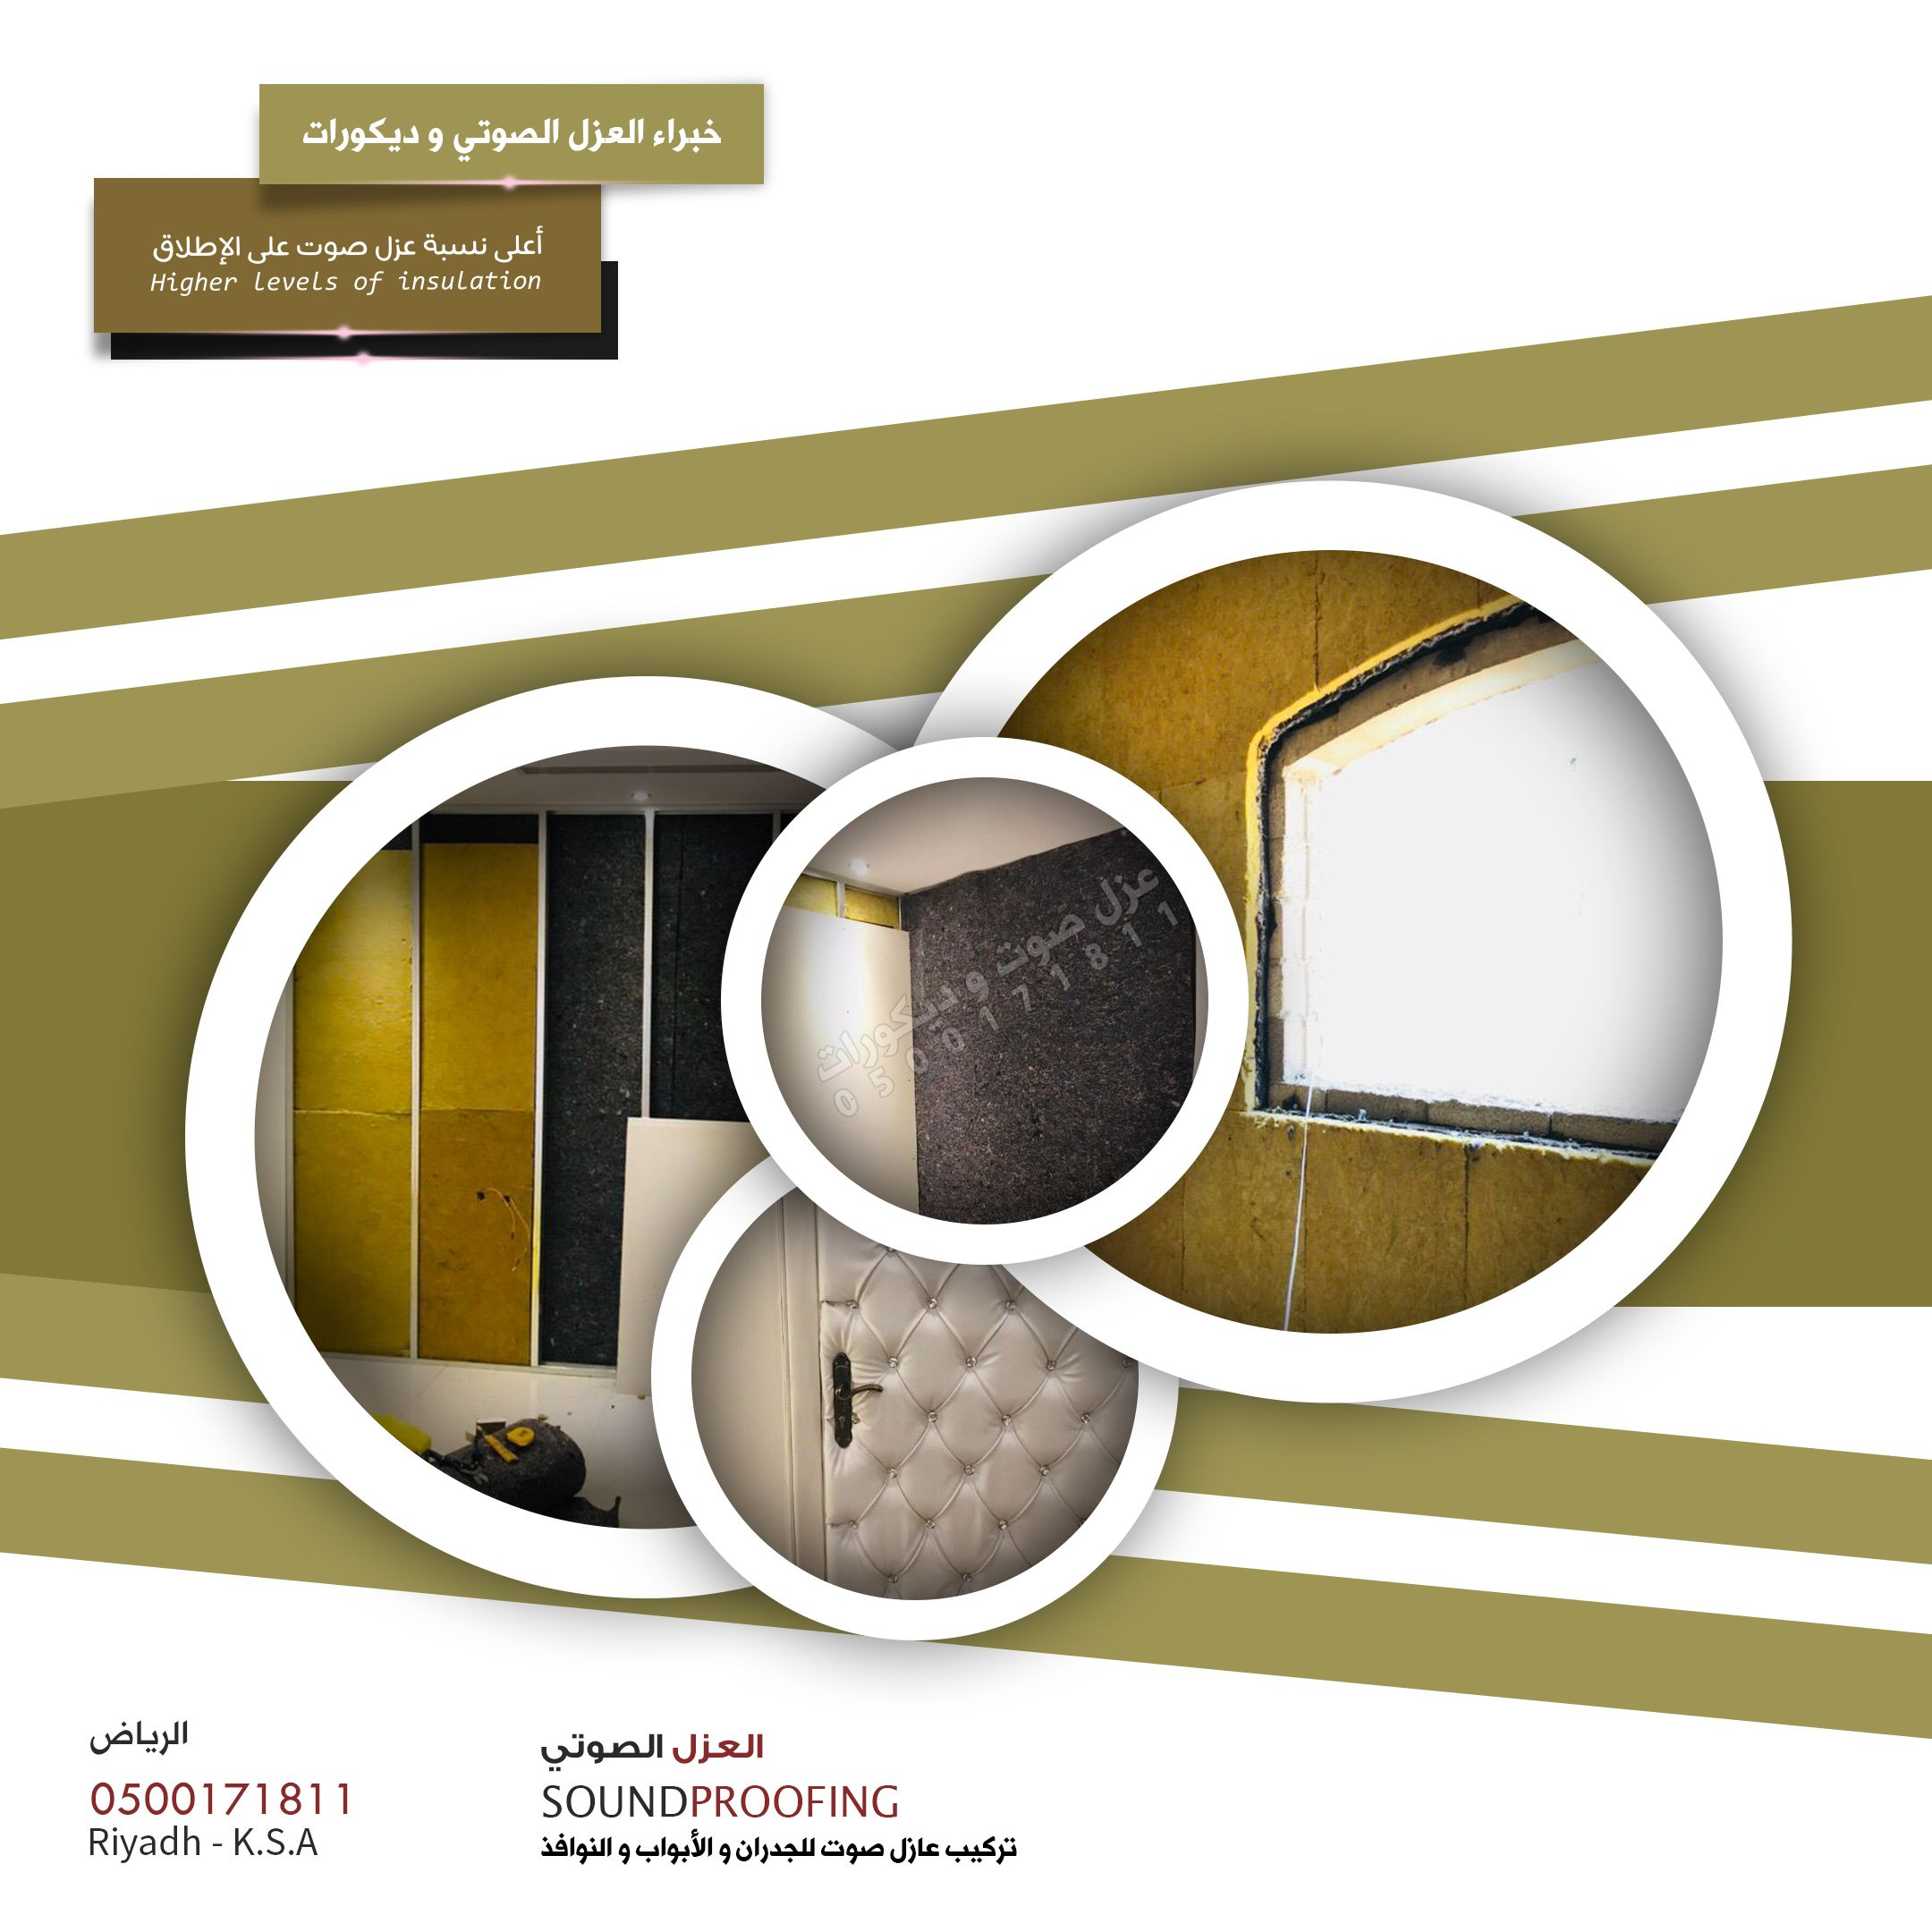 أفضل طريقة و عازل صوت لجدران الغرف و المباني عزل صوت الجدران داخلي و خارجي في المباني مع عزل الأبواب و النوافذ و كتم الصوت هند Sound Proofing High Level Riyadh